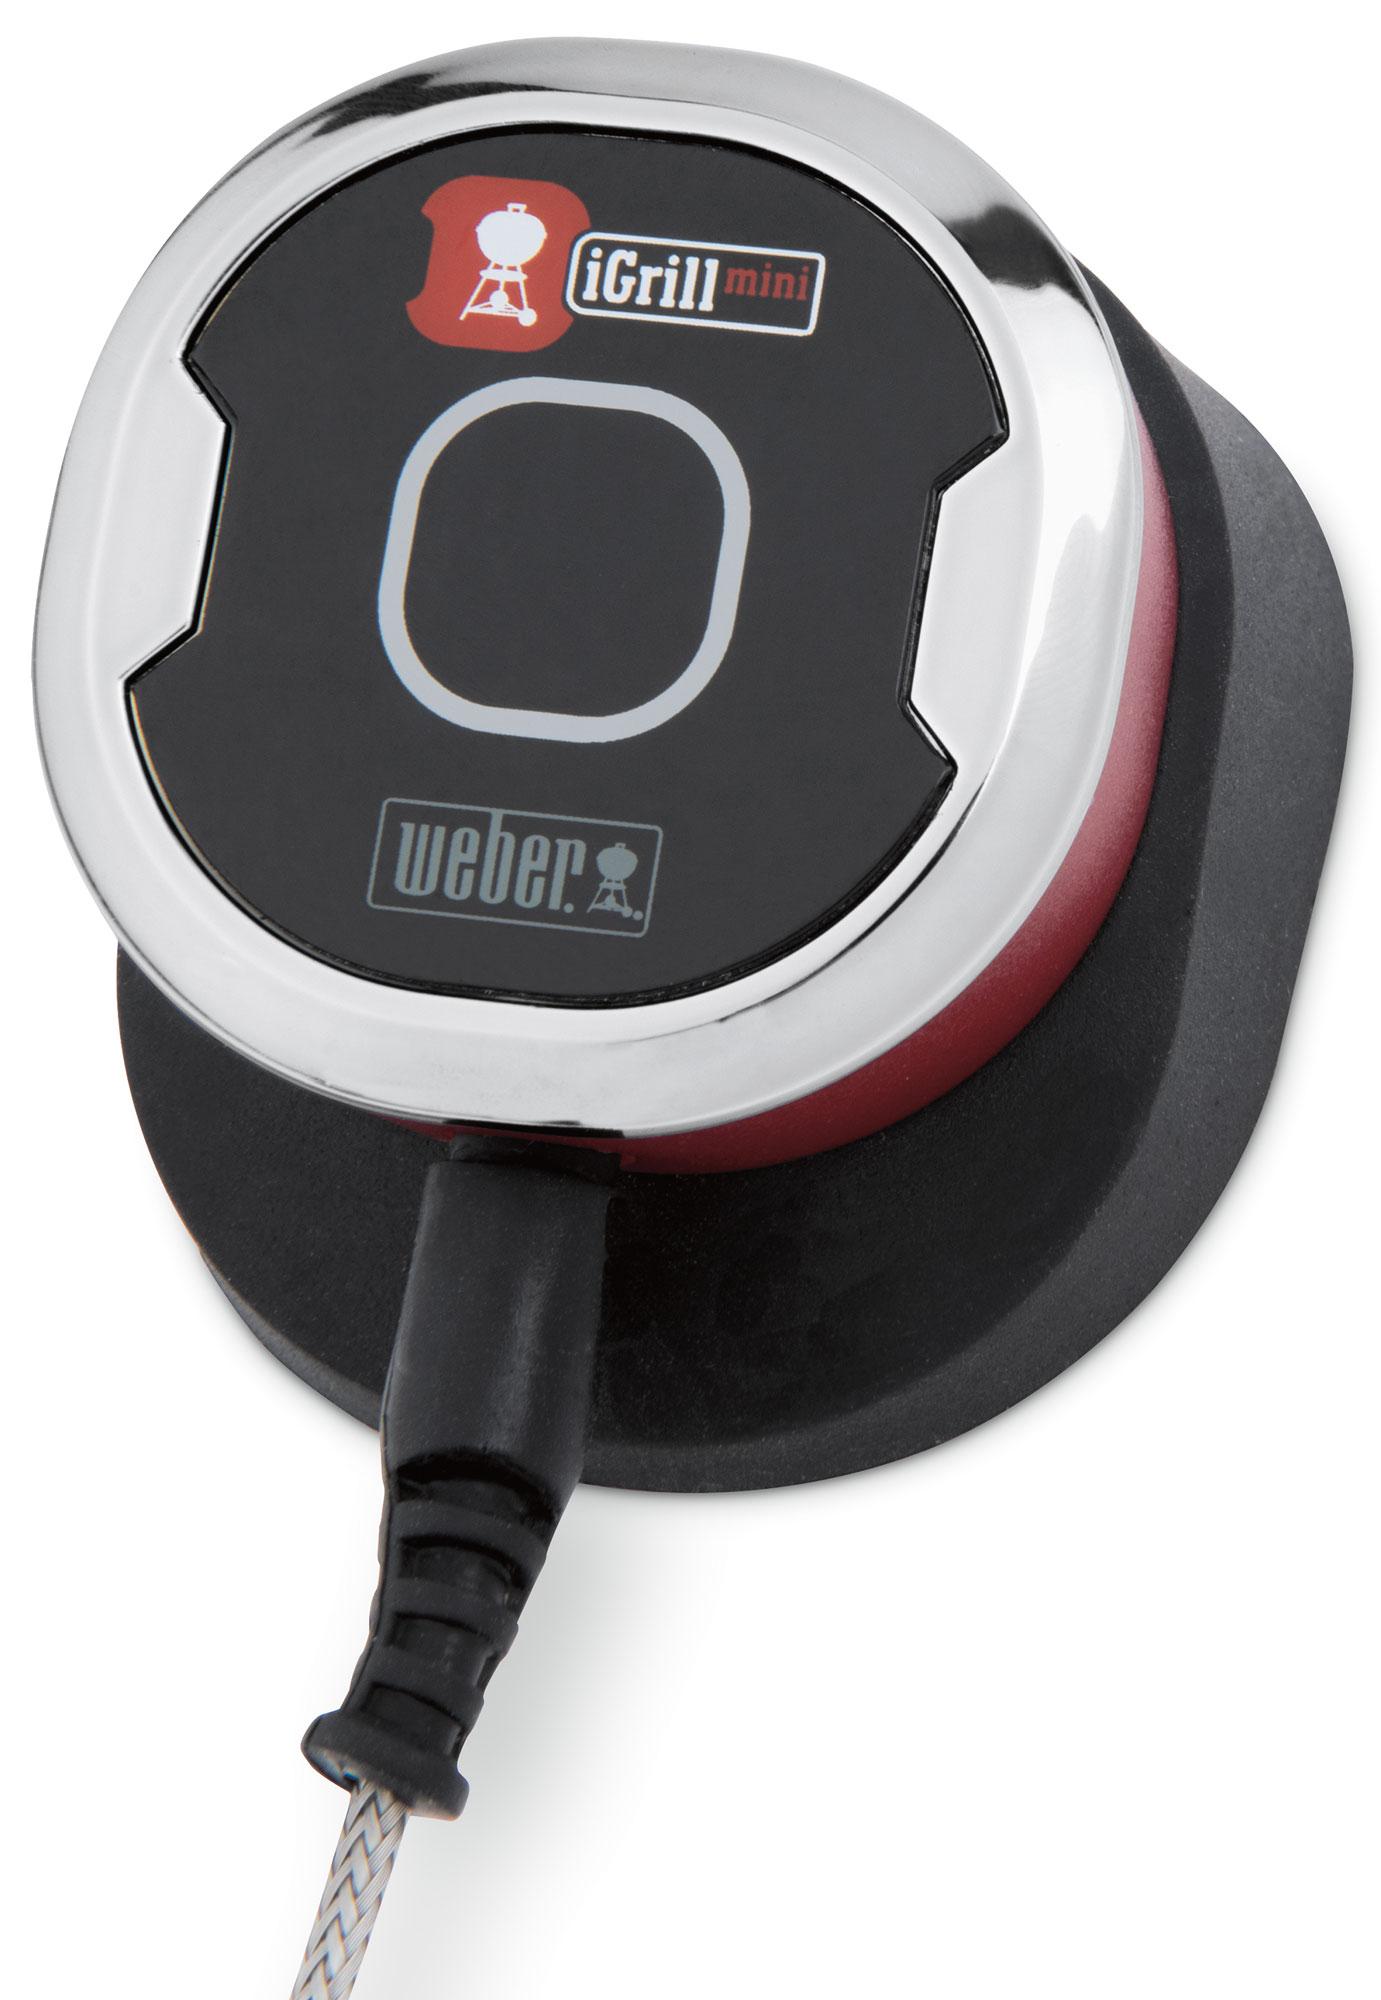 Цифровой термометр Weber iGrill Mini7220Цифровой термометр iGrill Mini.